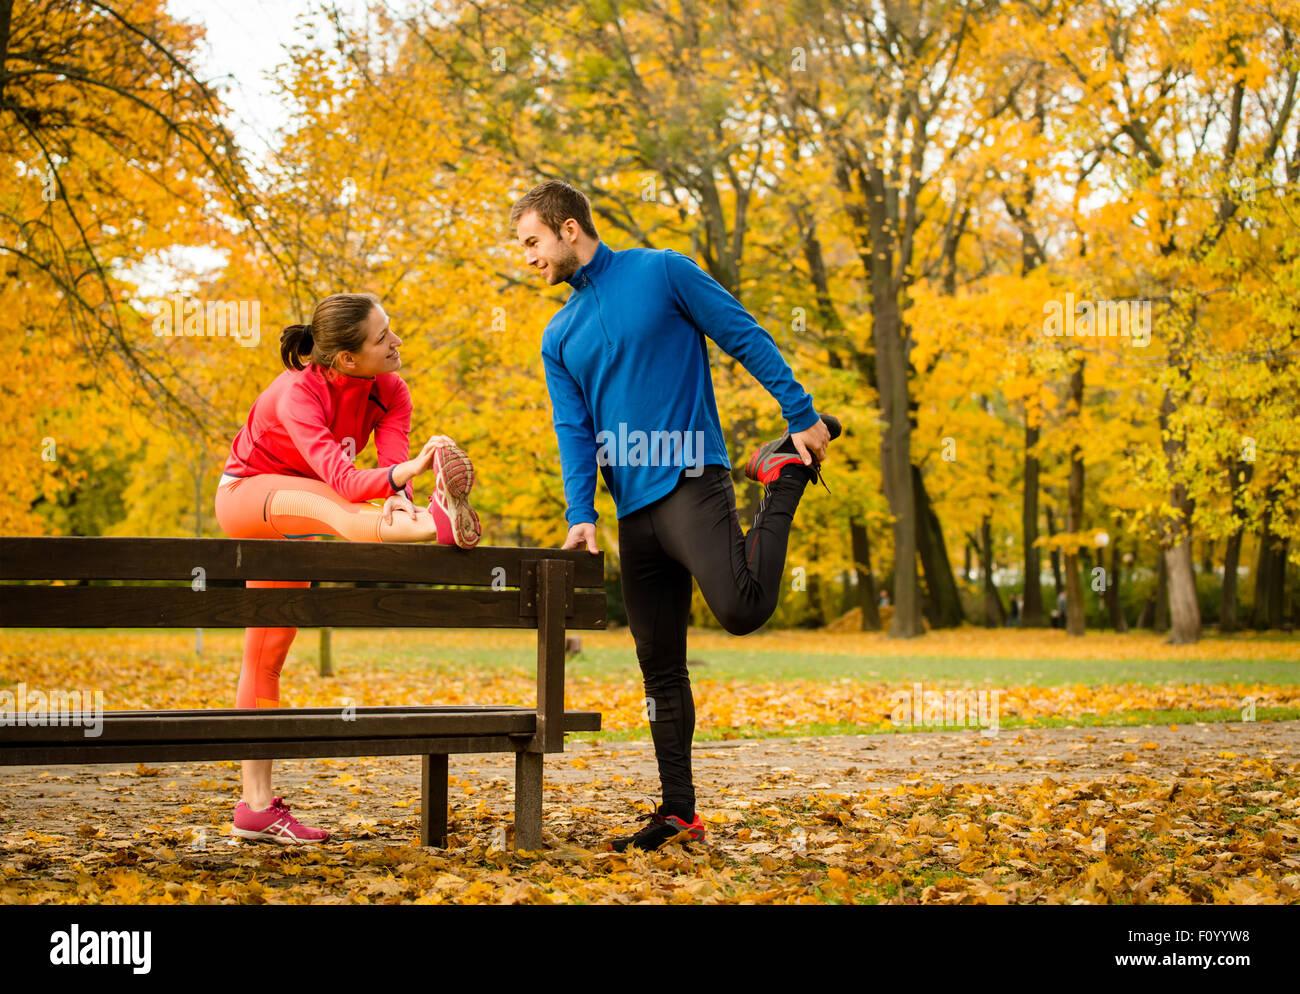 Pareja joven estirando los músculos en un banco antes de correr en otoño la naturaleza Foto de stock